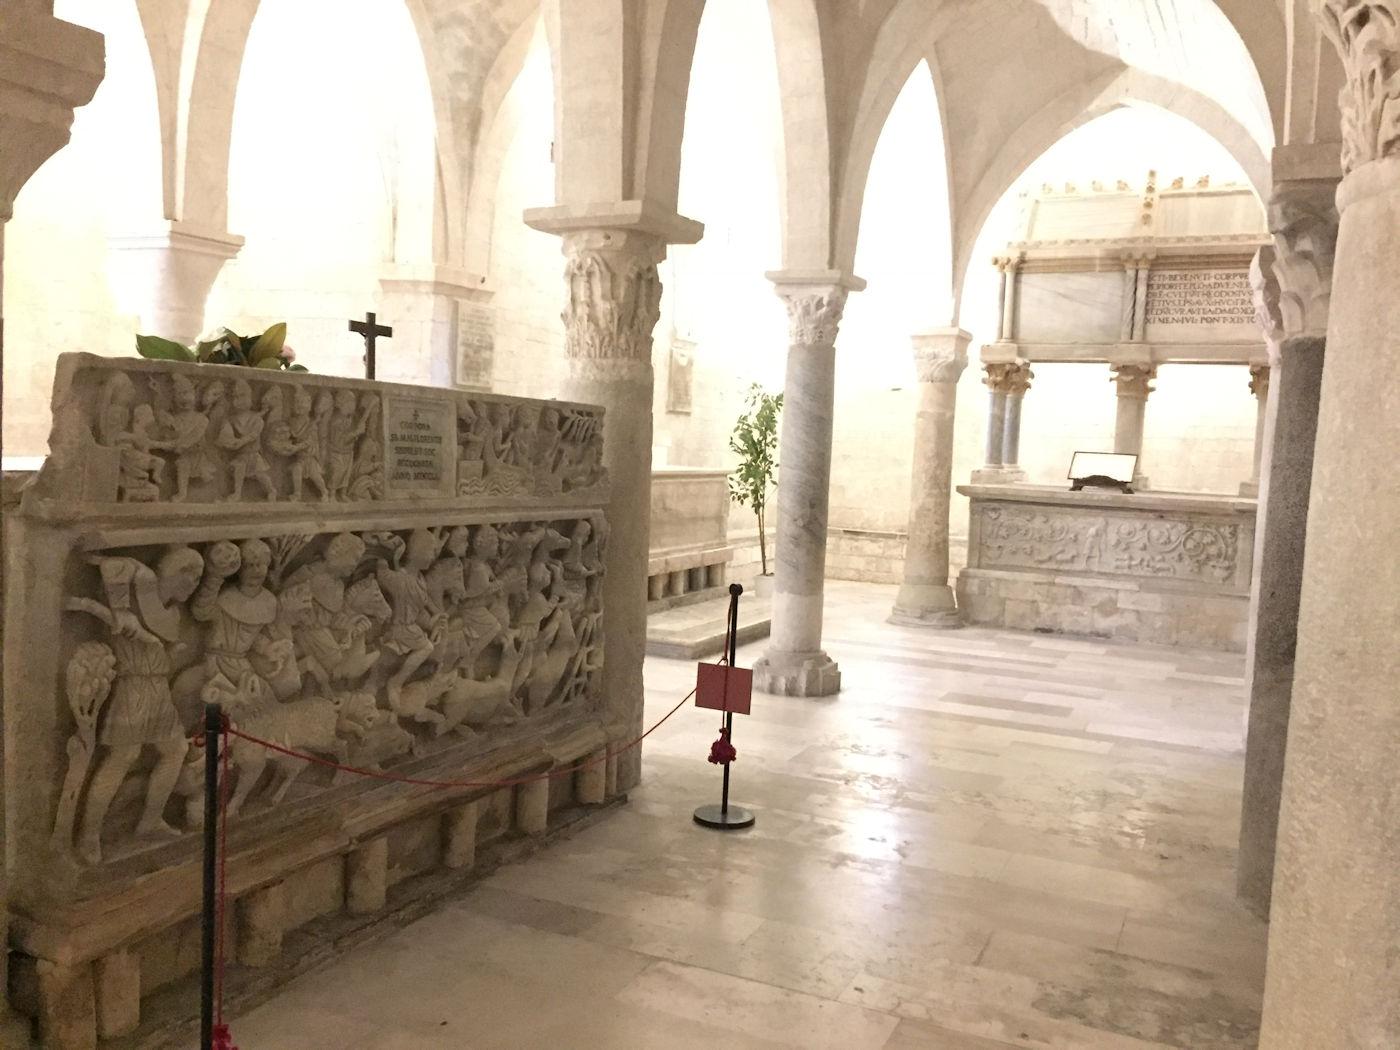 In camper nelle Marche Osimo - Cattedrale di San Leopardo sarcofago